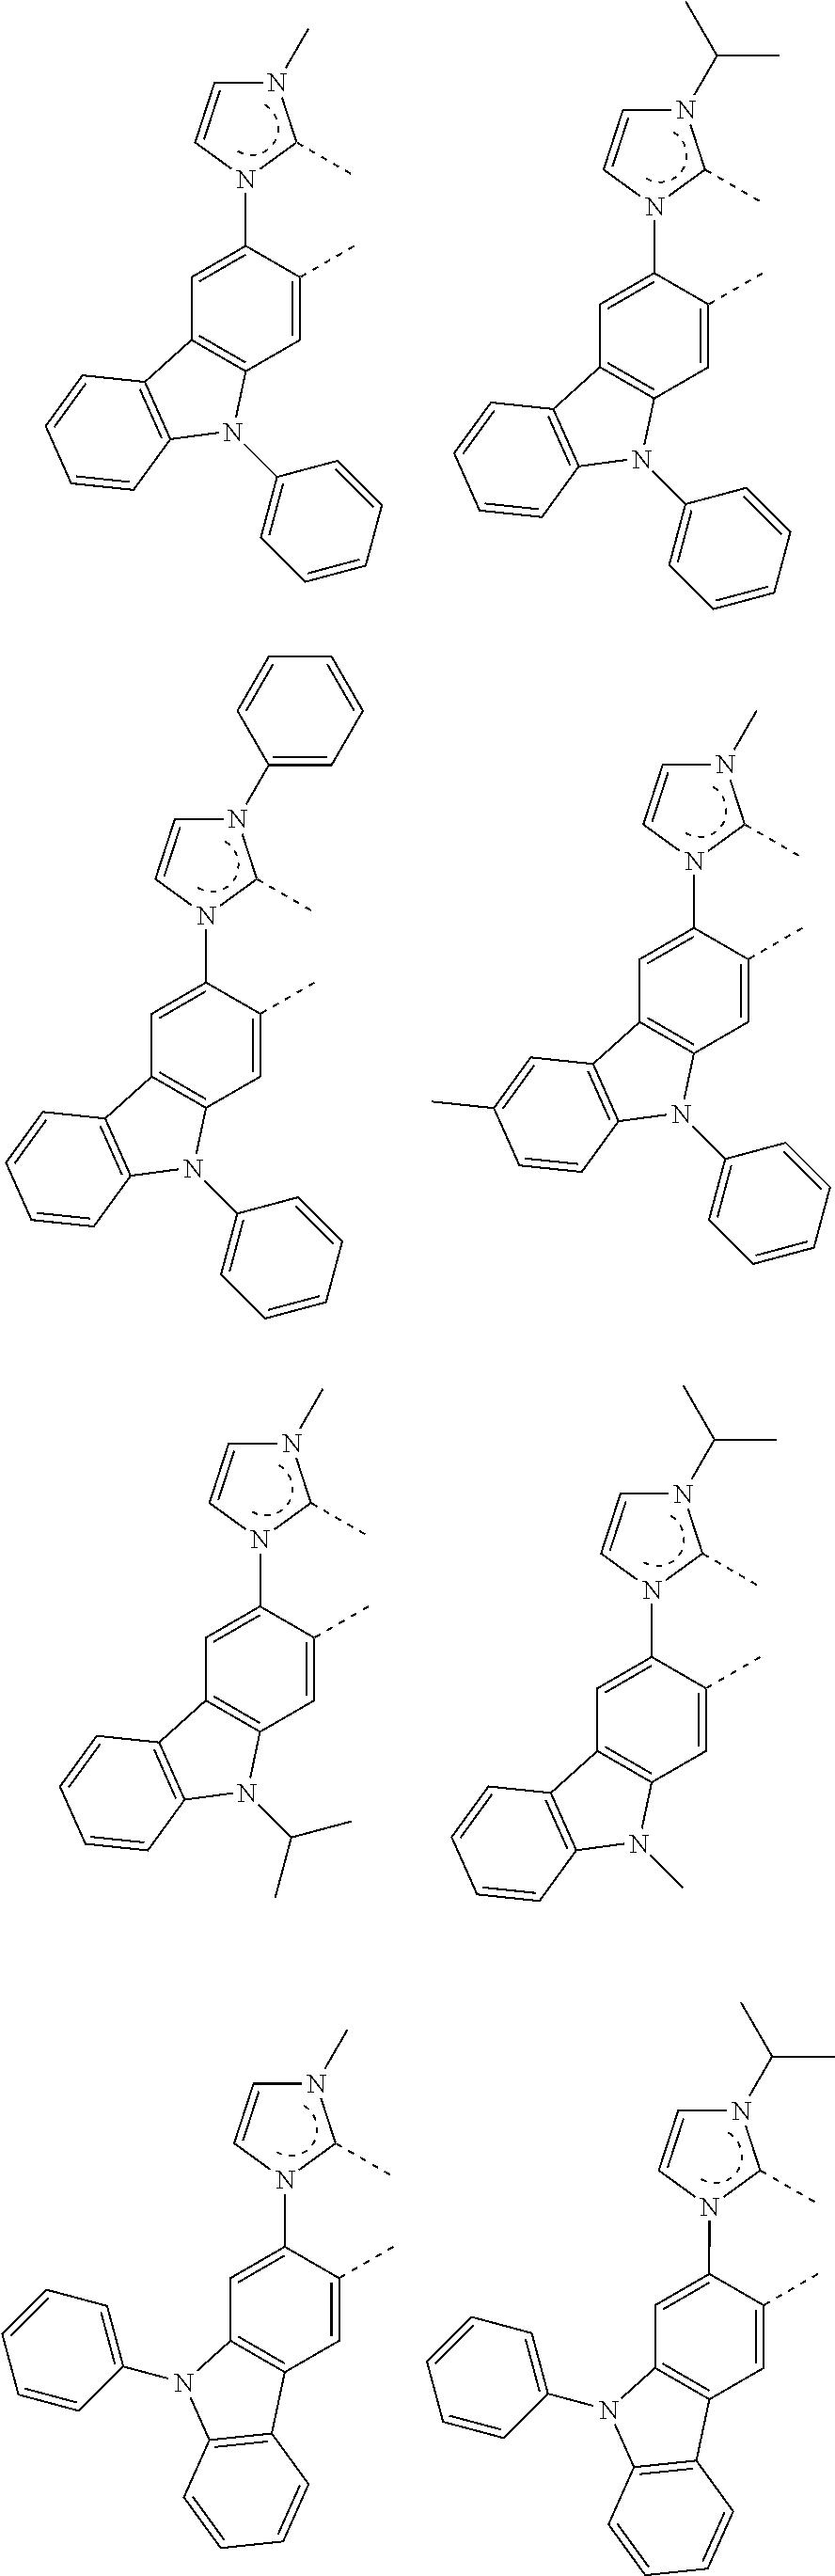 Figure US09773985-20170926-C00013